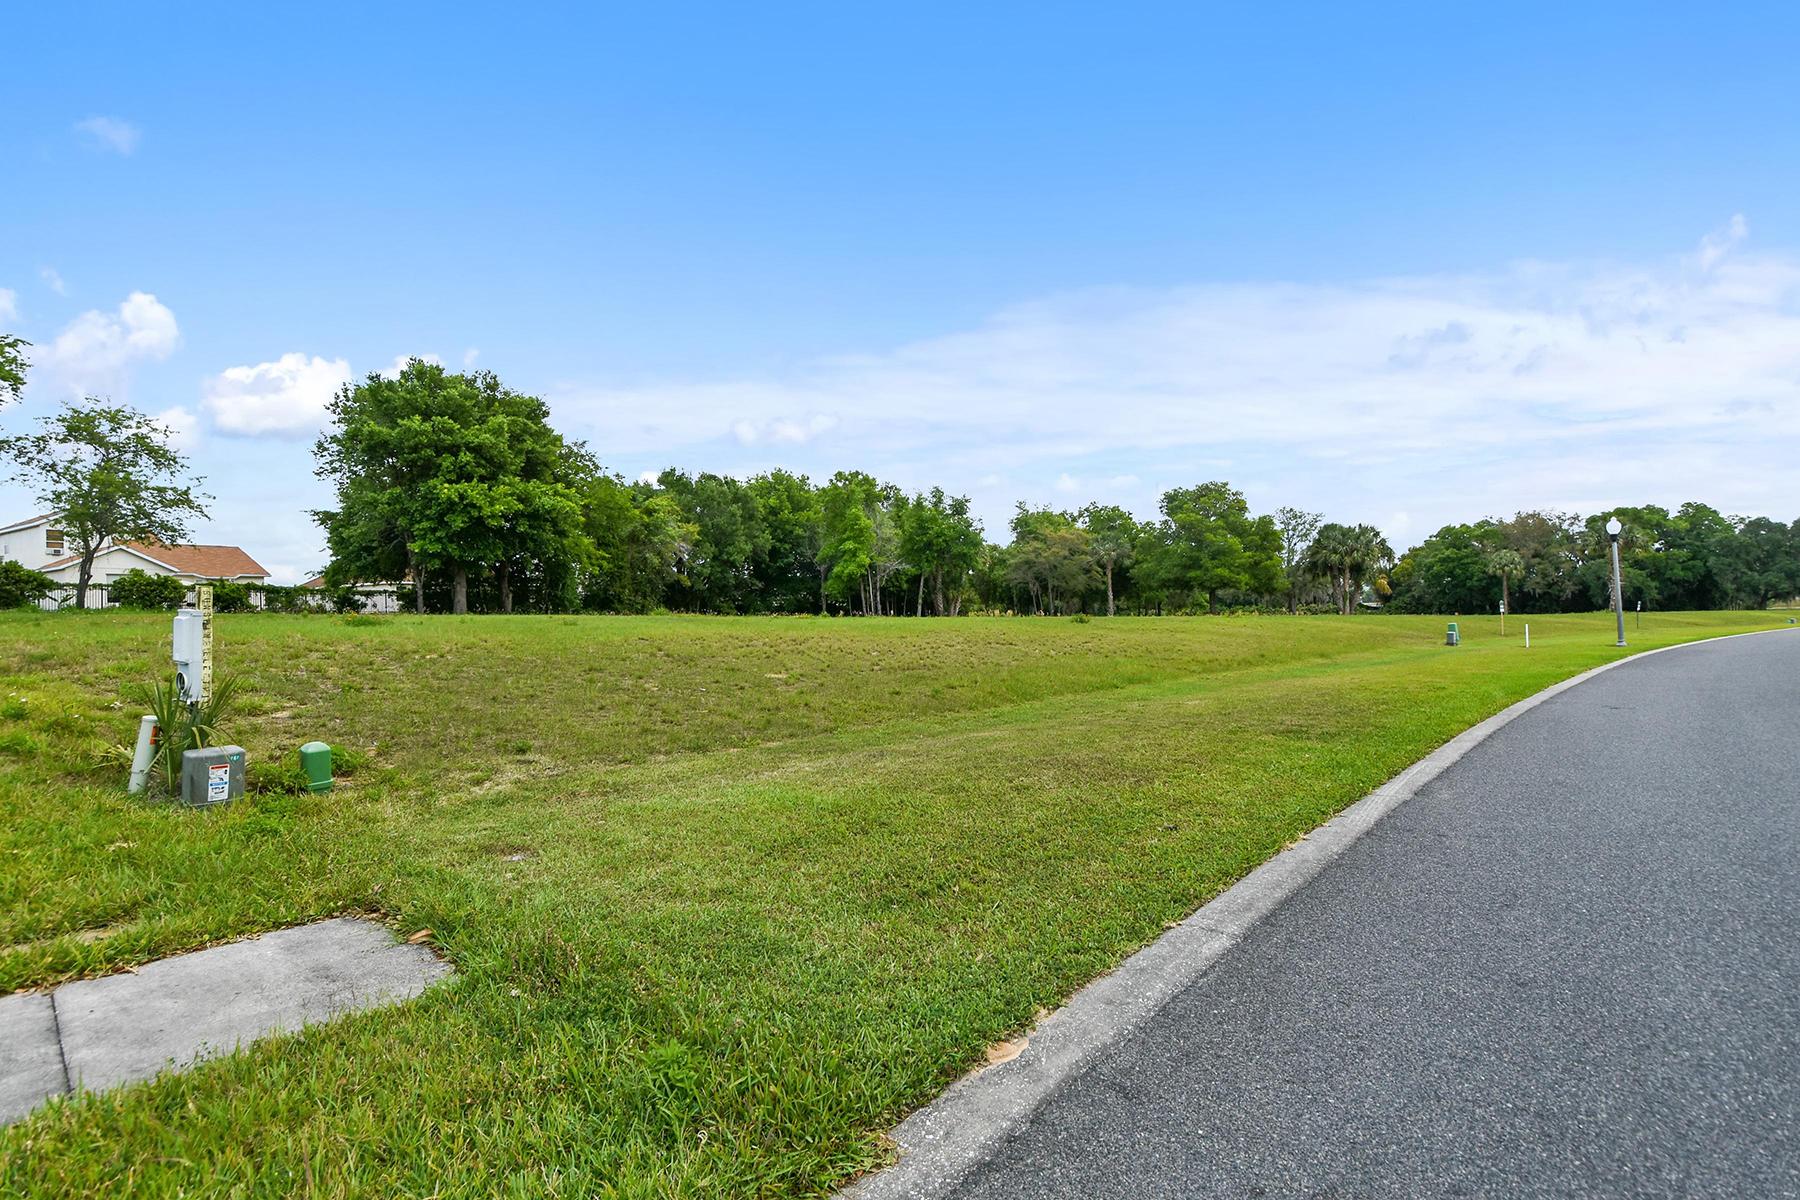 Land for Sale at ORLANDO - EUSTIS 244 Two Lakes Ln 21 Eustis, Florida, 32726 United States